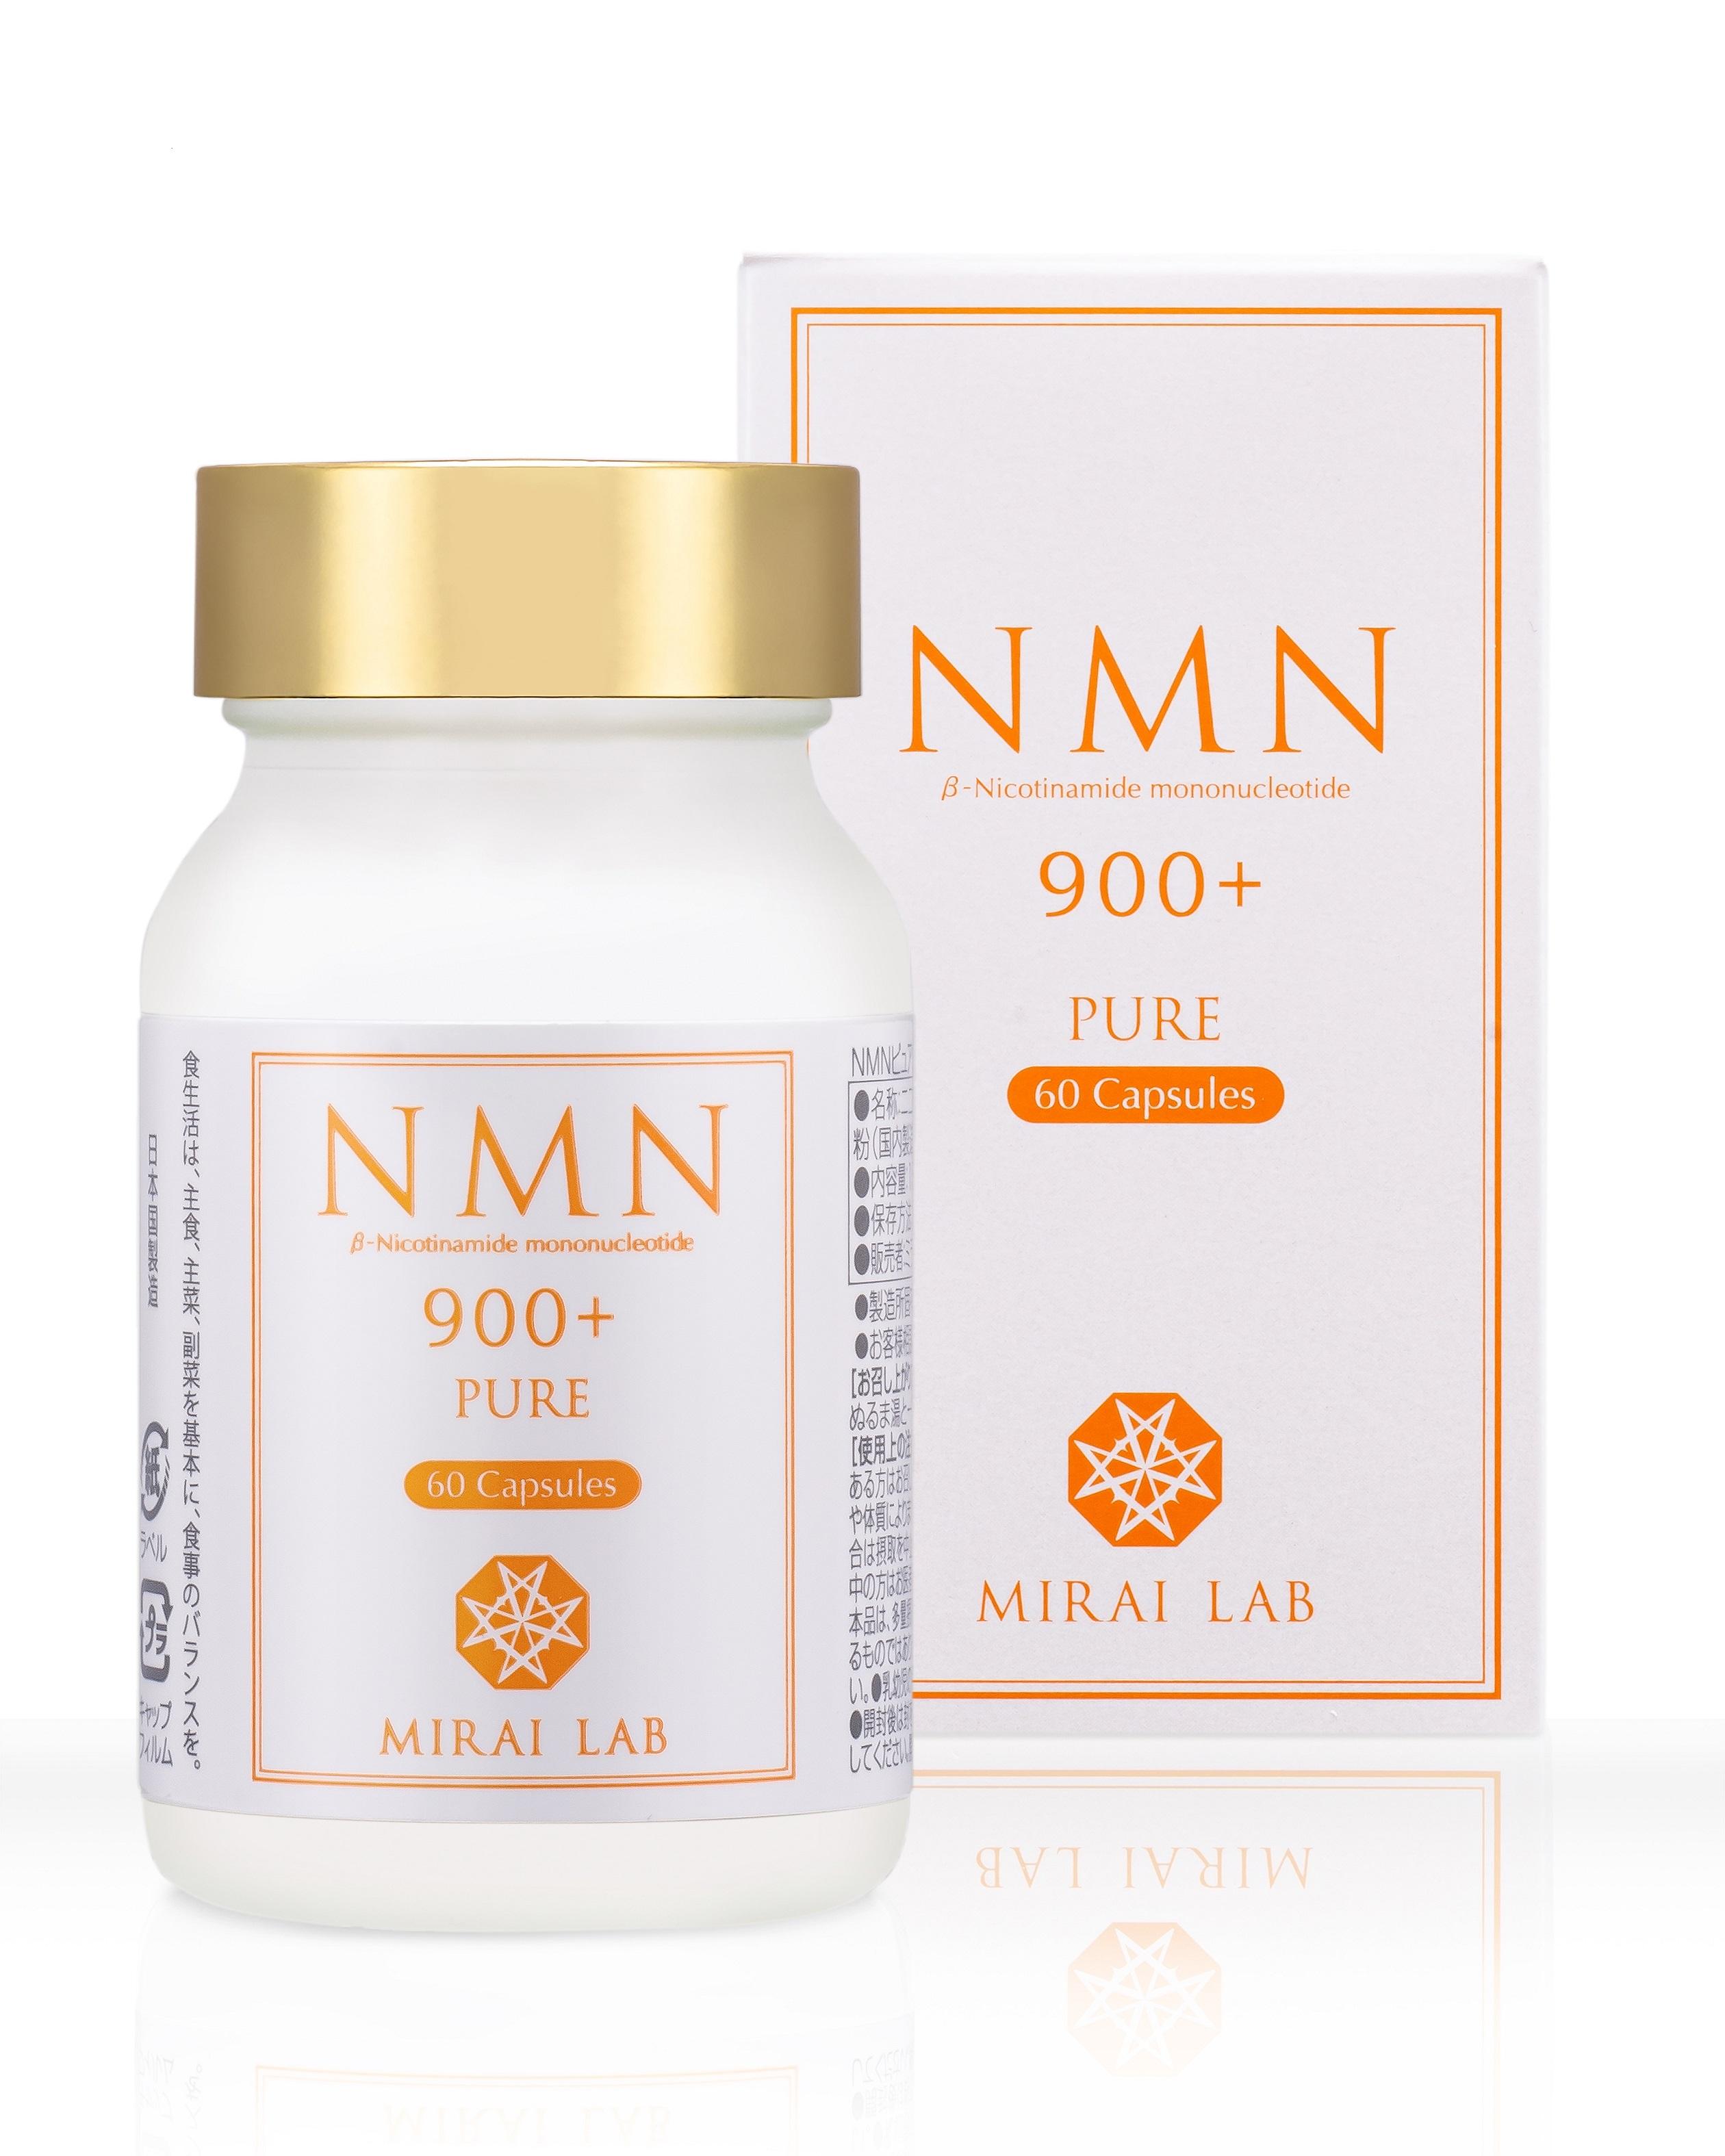 ピュアシリーズの入門編としてお求めやすい価格で新しいピュアシリーズを NMN PURE 高級 割引も実施中 プラス 900 60カプセル